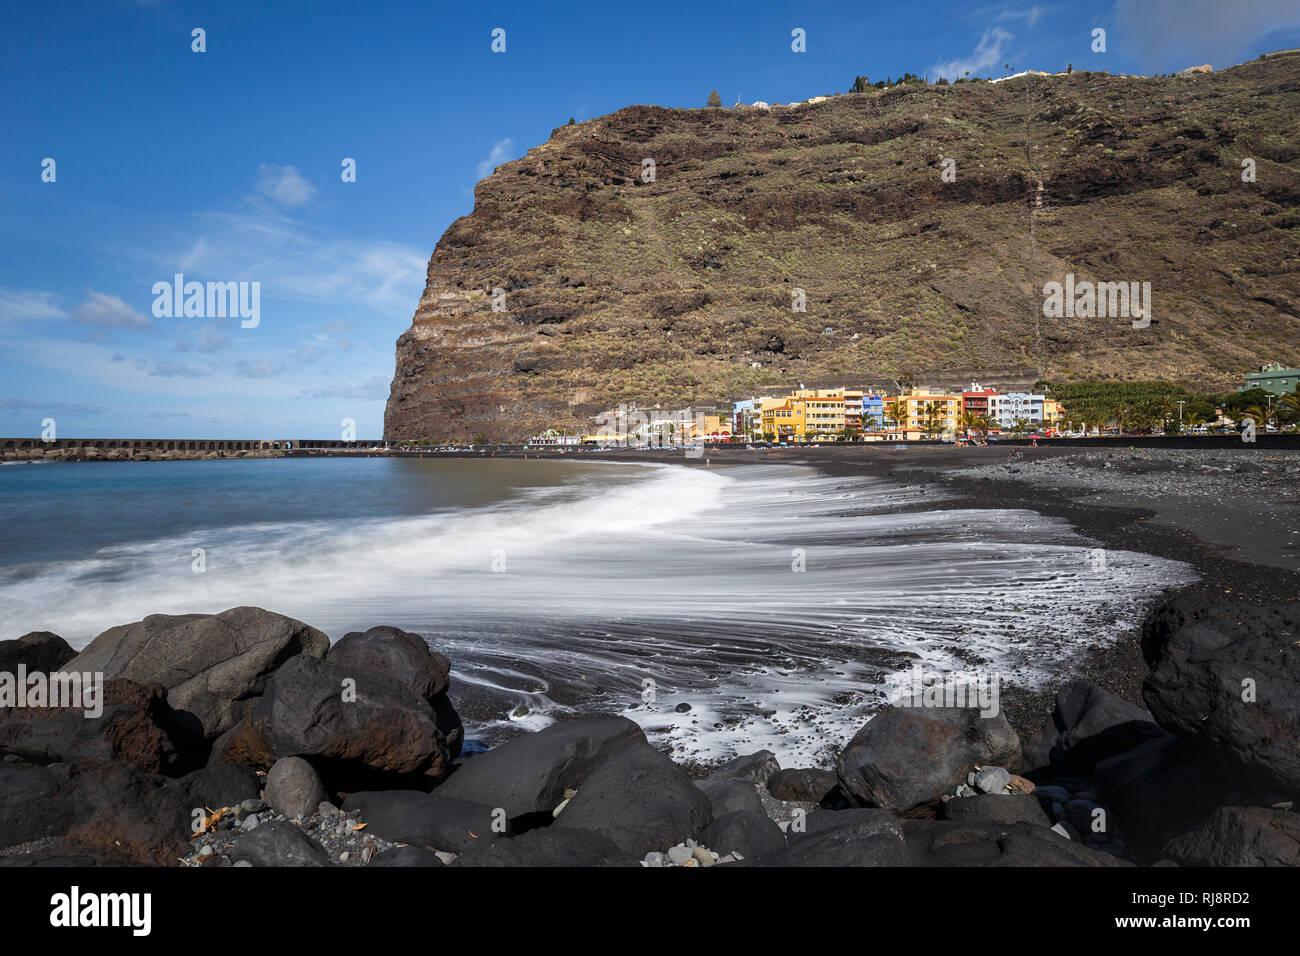 schwarzer Strand und bunte Häuser in Puerto de Tazacorte, La Palma, Kanarische Inseln, Spanien Stock Photo